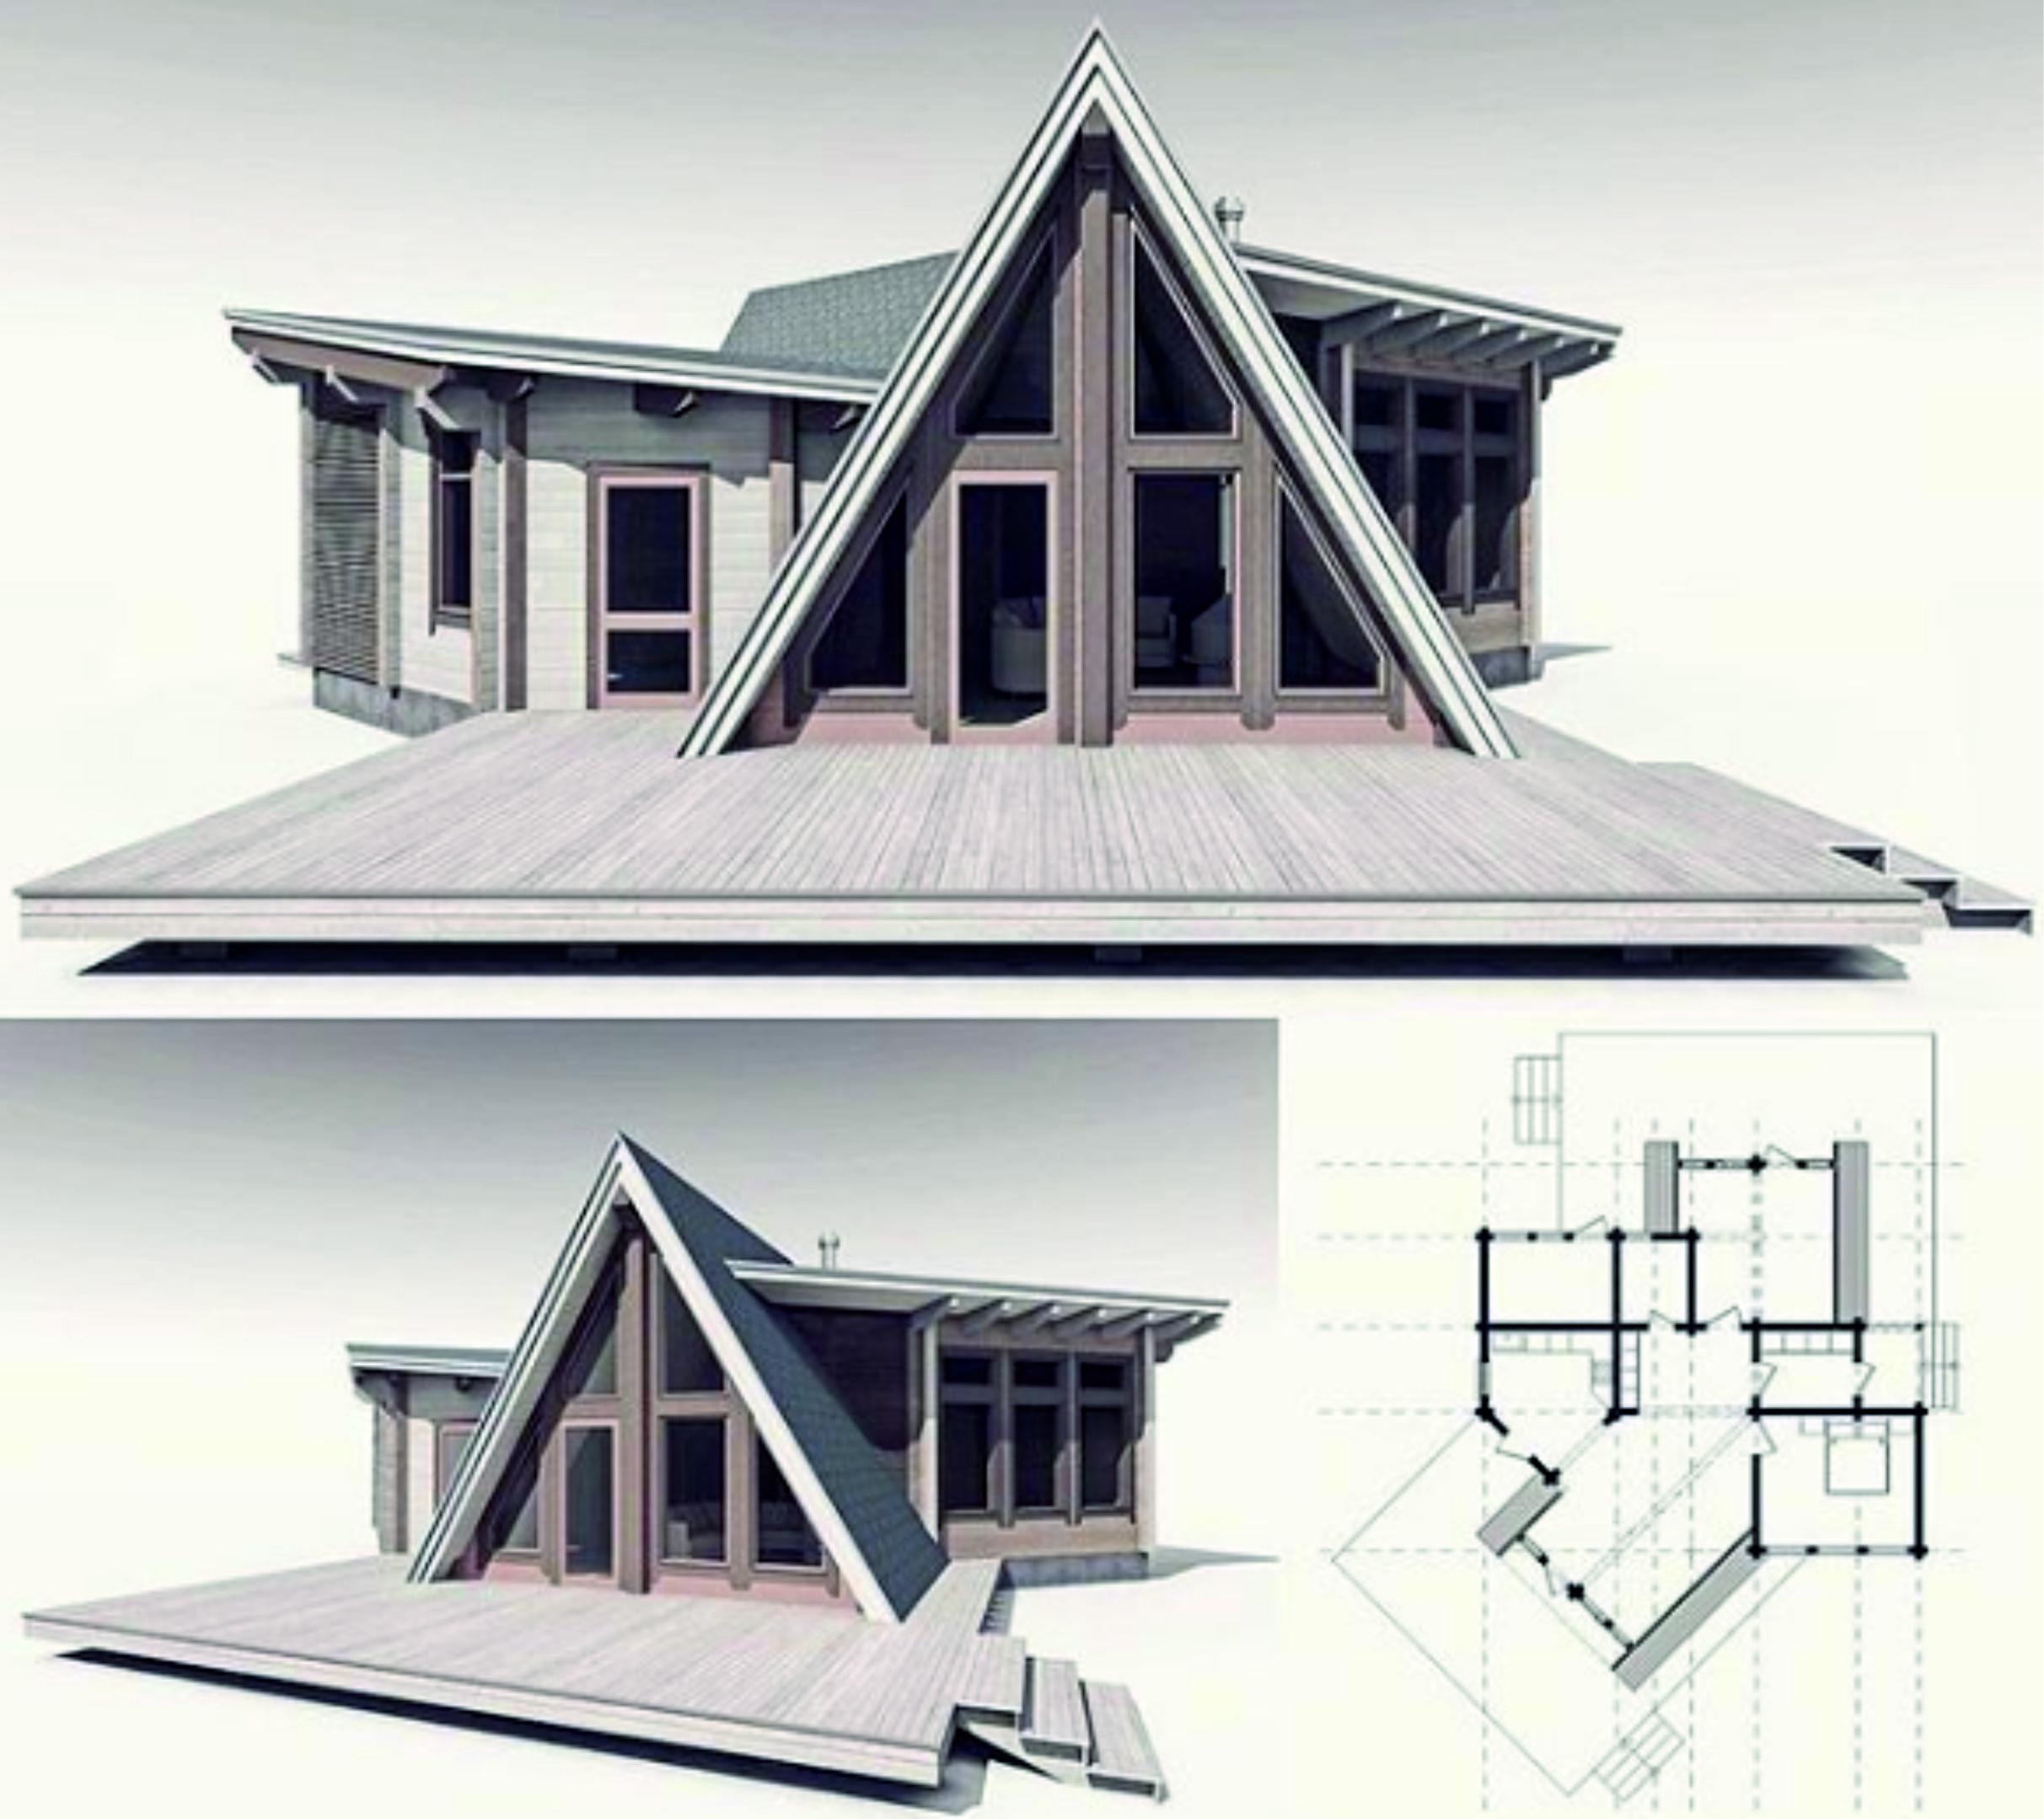 Ausgezeichnet Ein Rahmenhäuser Fertig Zeitgenössisch - Rahmen Ideen ...